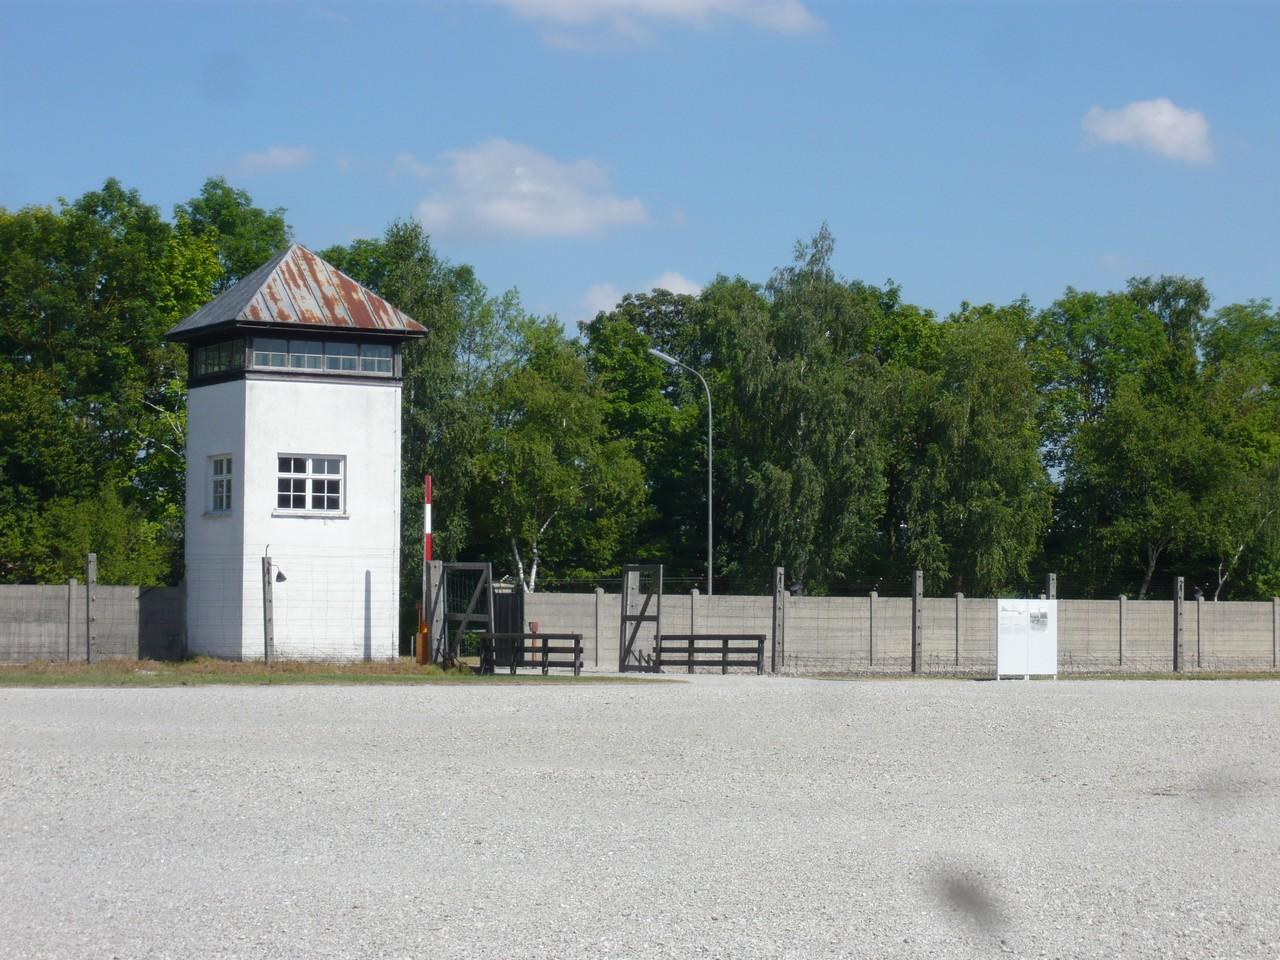 Zahranicni_exkurze_Dachau_Orli_Hnizdo03